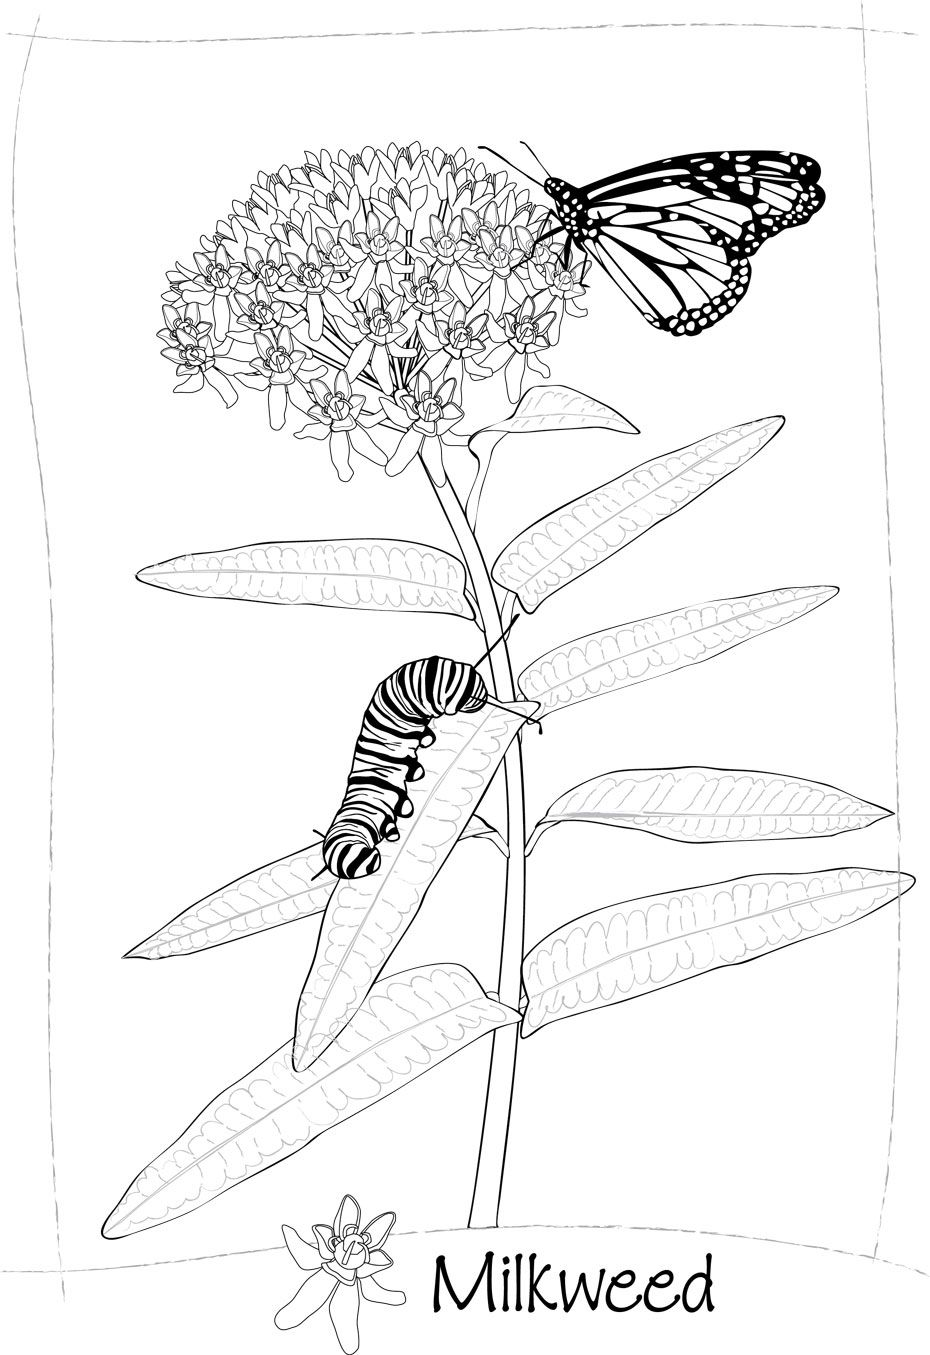 Milkweed Art Linda Cook Plant Art 2013 Meadow Coloring